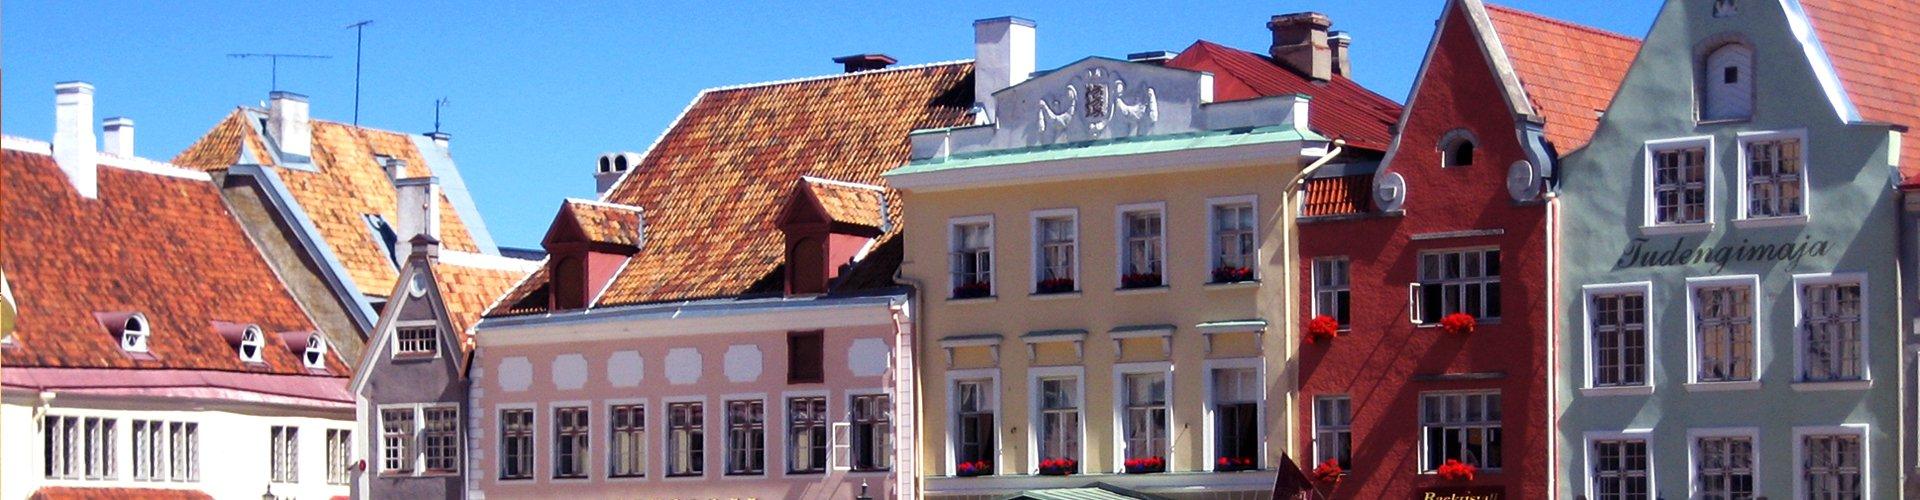 Oude centru Talinn, Estland